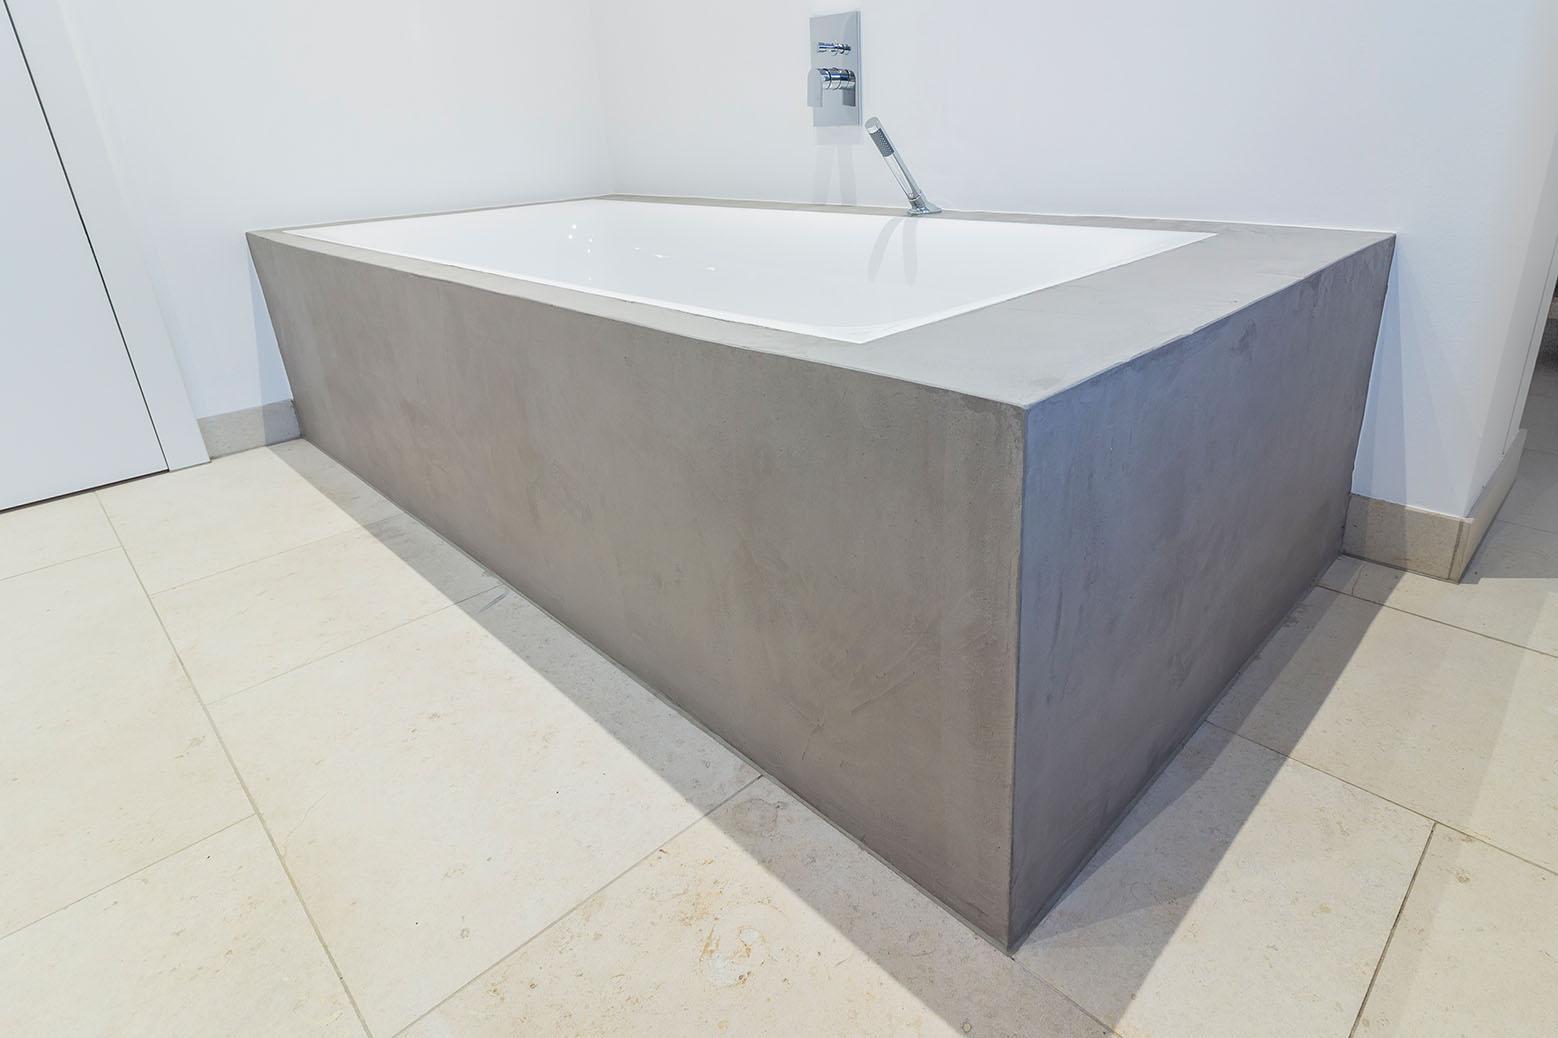 Badezimmer Spachtelbeton Gespachteter Beton Dusche Badewanne Betonboden Gussboden Fugenlos Treppe Grau Kuche Bad Badezimmer Wohnzimmer Tisch Mobel Maintisch Mainbeton Maingrill 2 Maintisch